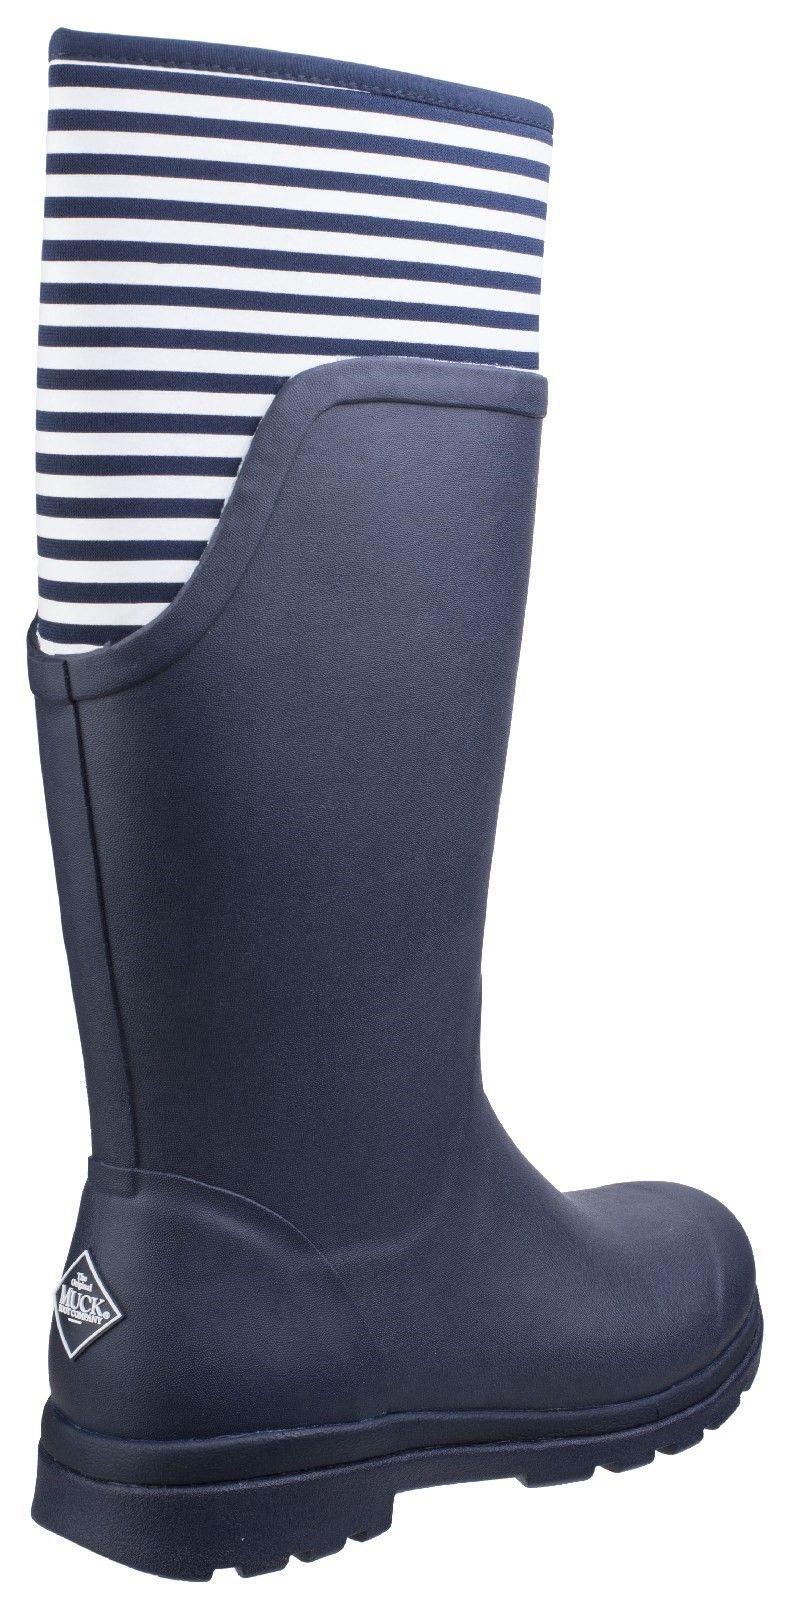 Cambridge Tall Versatile Premium Rain Boot